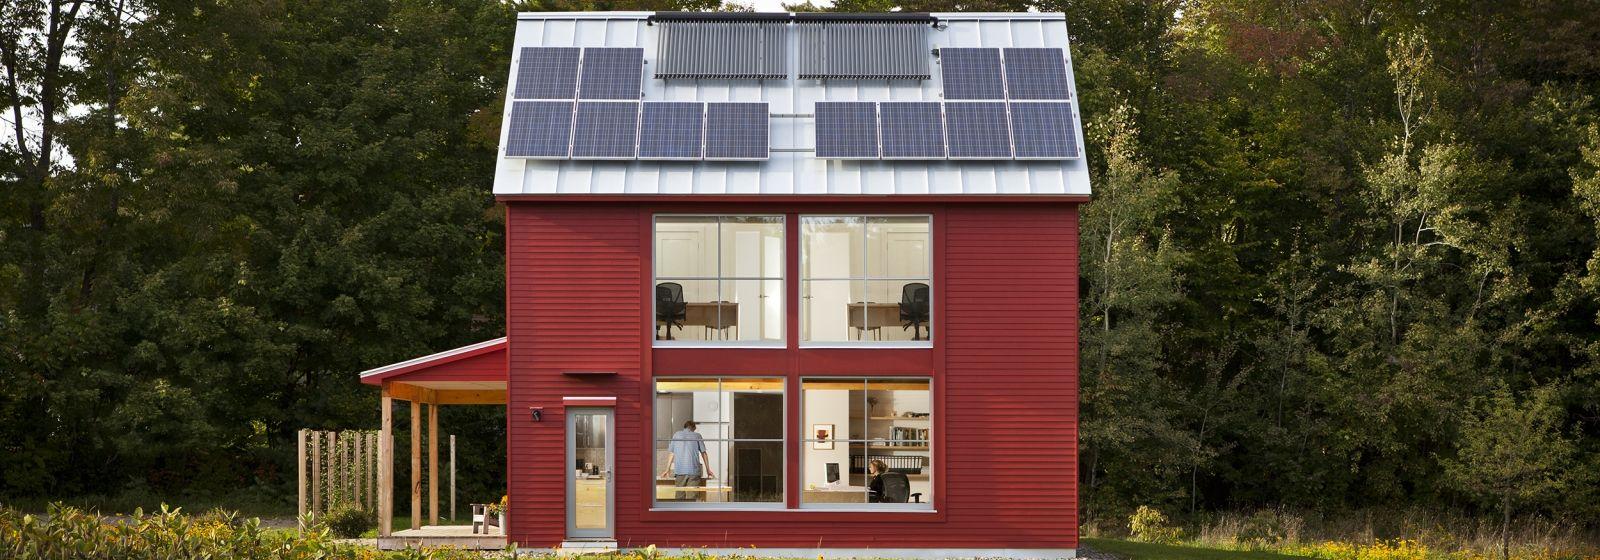 Modern Prefab Homes Modern Modular Homes Passive House Design Residential Design Passive House